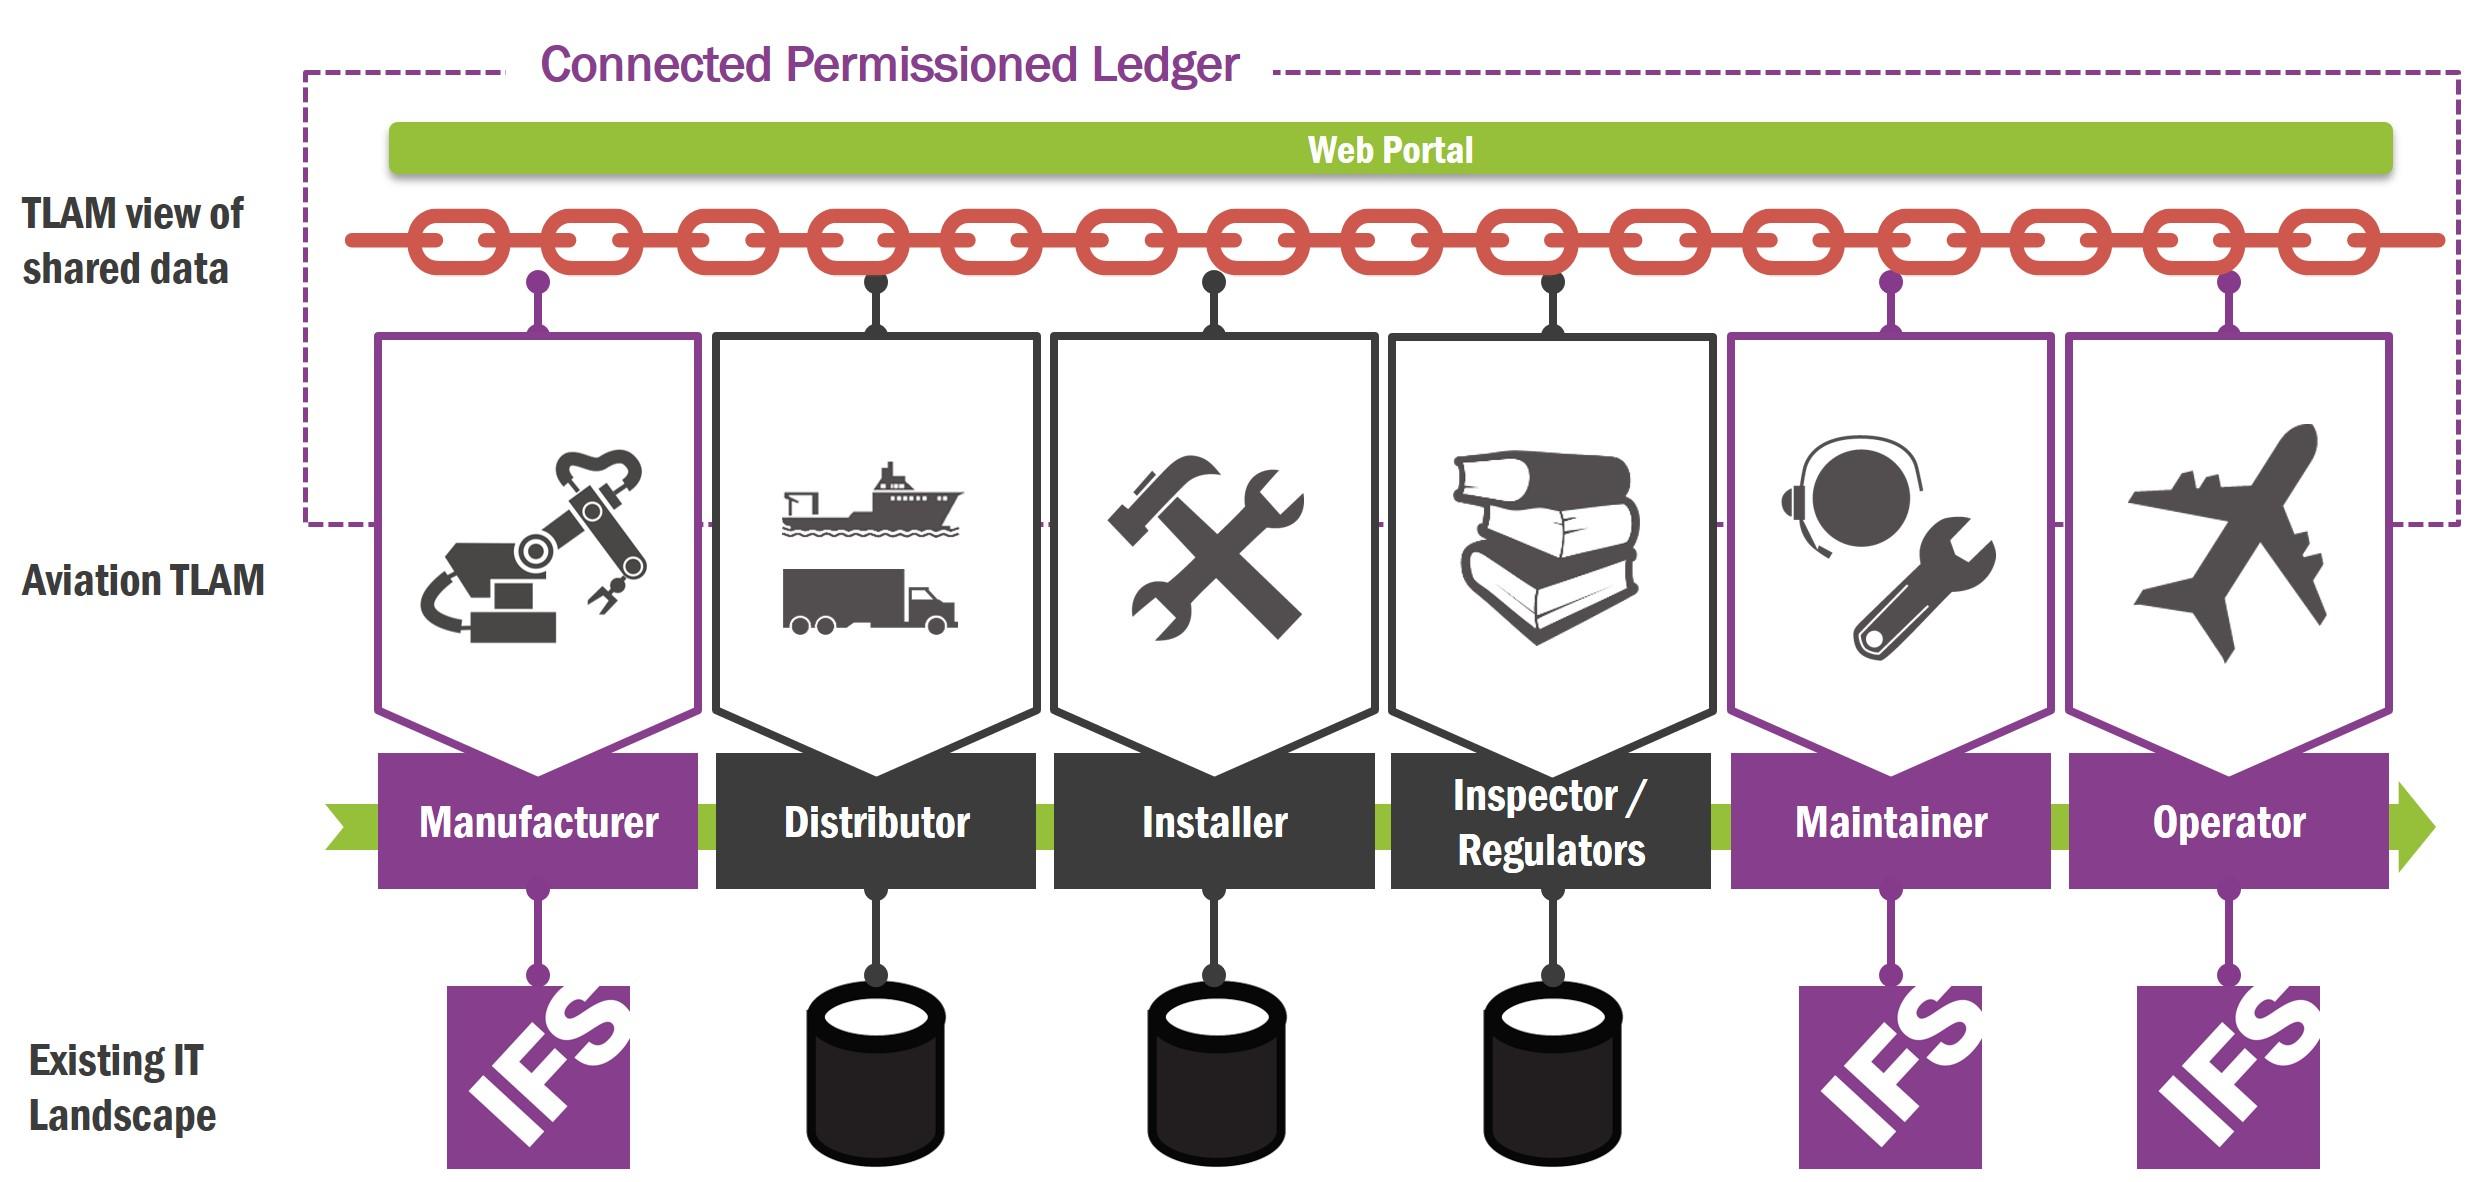 Connected Permission Ledger